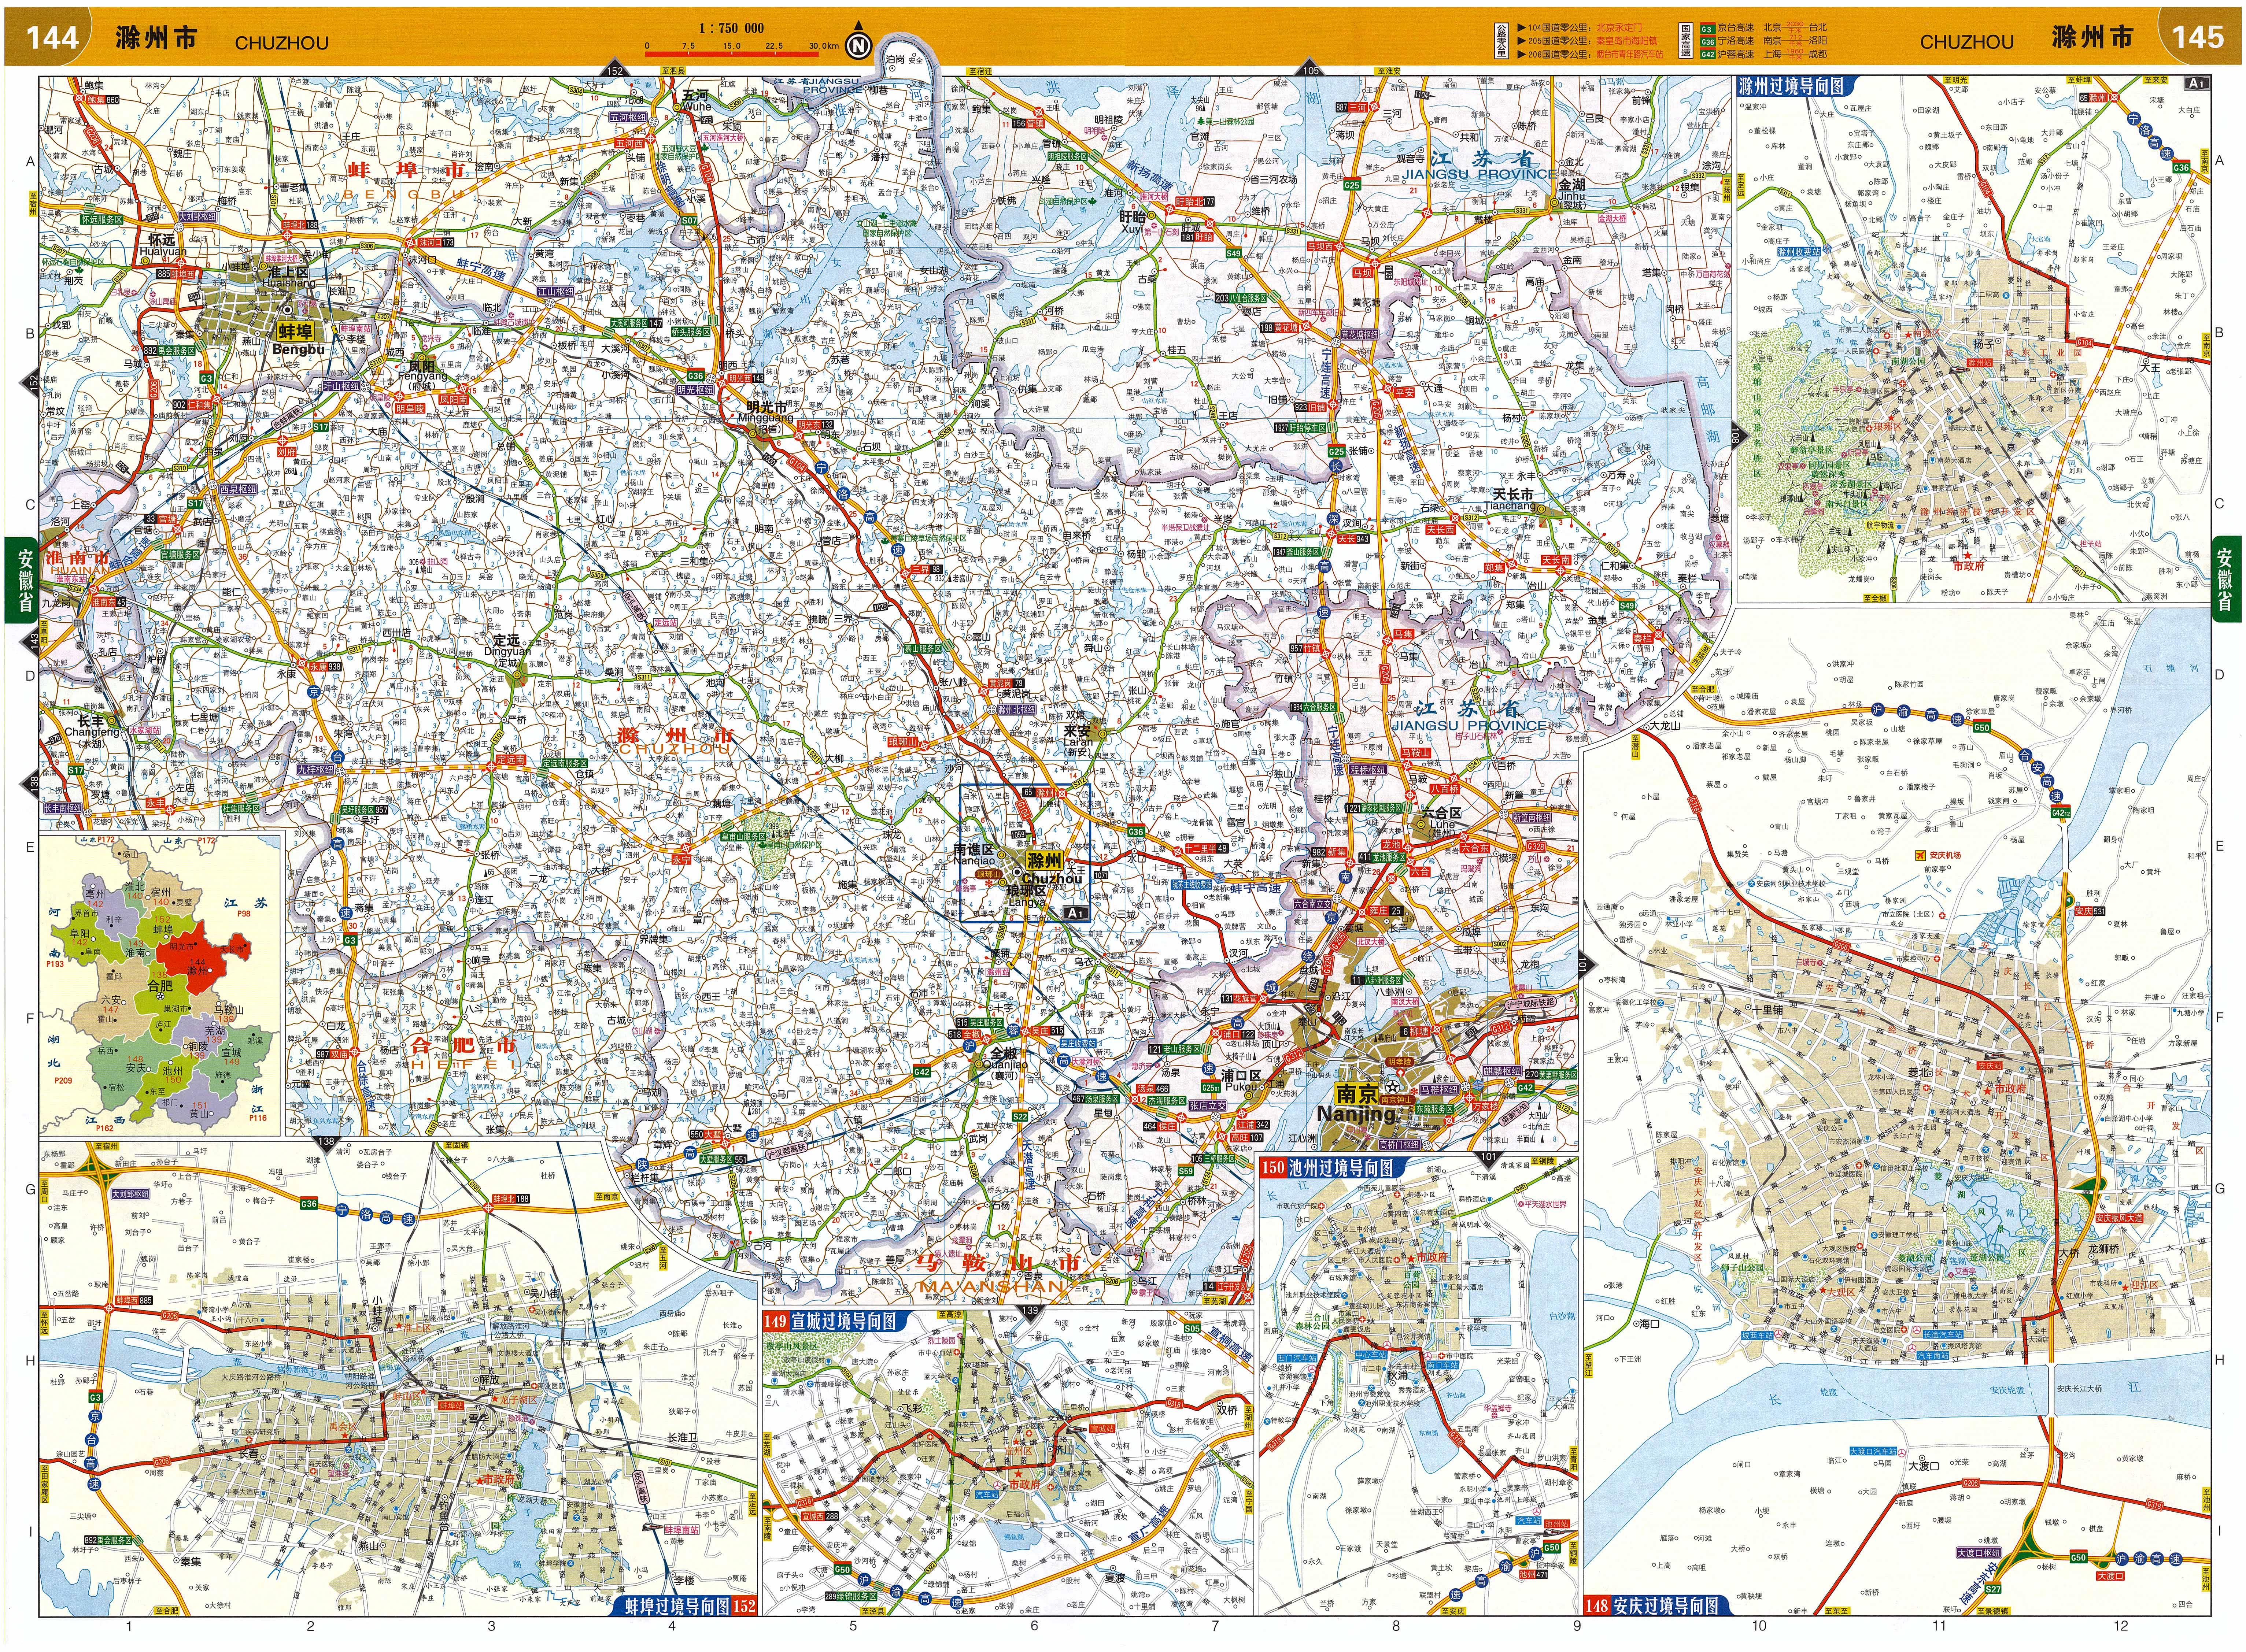 滁州市交通地图全图高清版